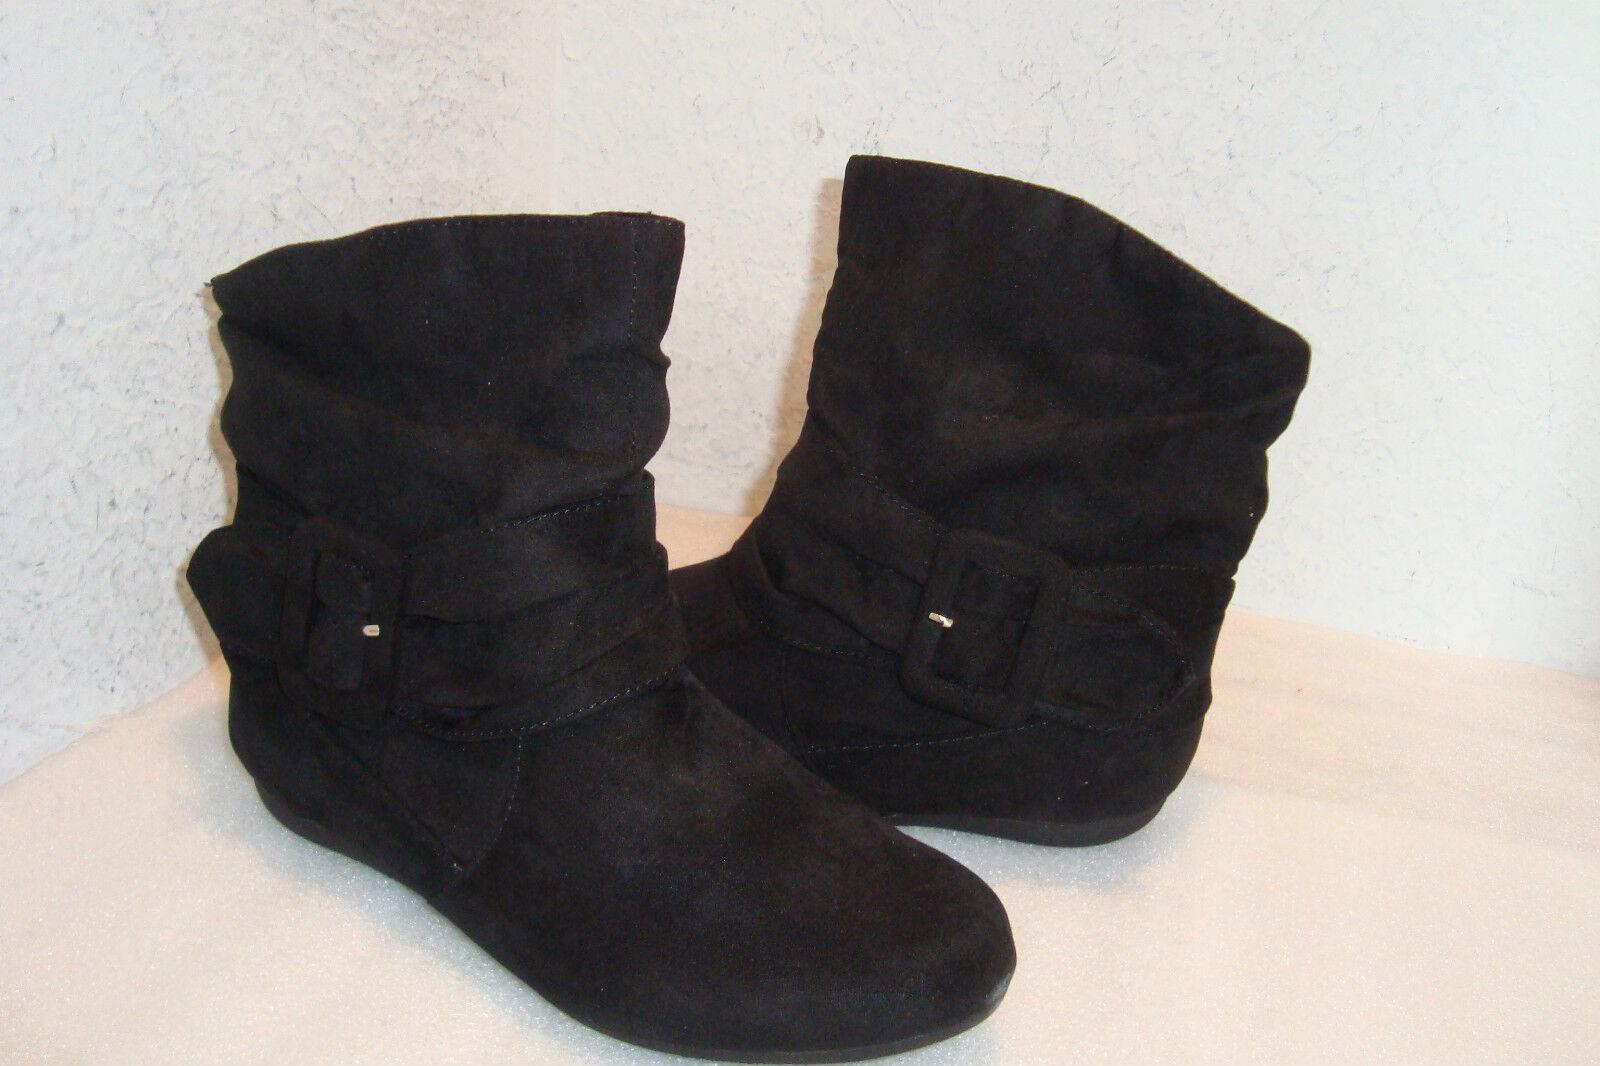 Rampage nuevo para mujer Brasil Negro botas Hasta el Tobillo Tobillo Tobillo Zapatos 6.5 medio  Las ventas en línea ahorran un 70%.